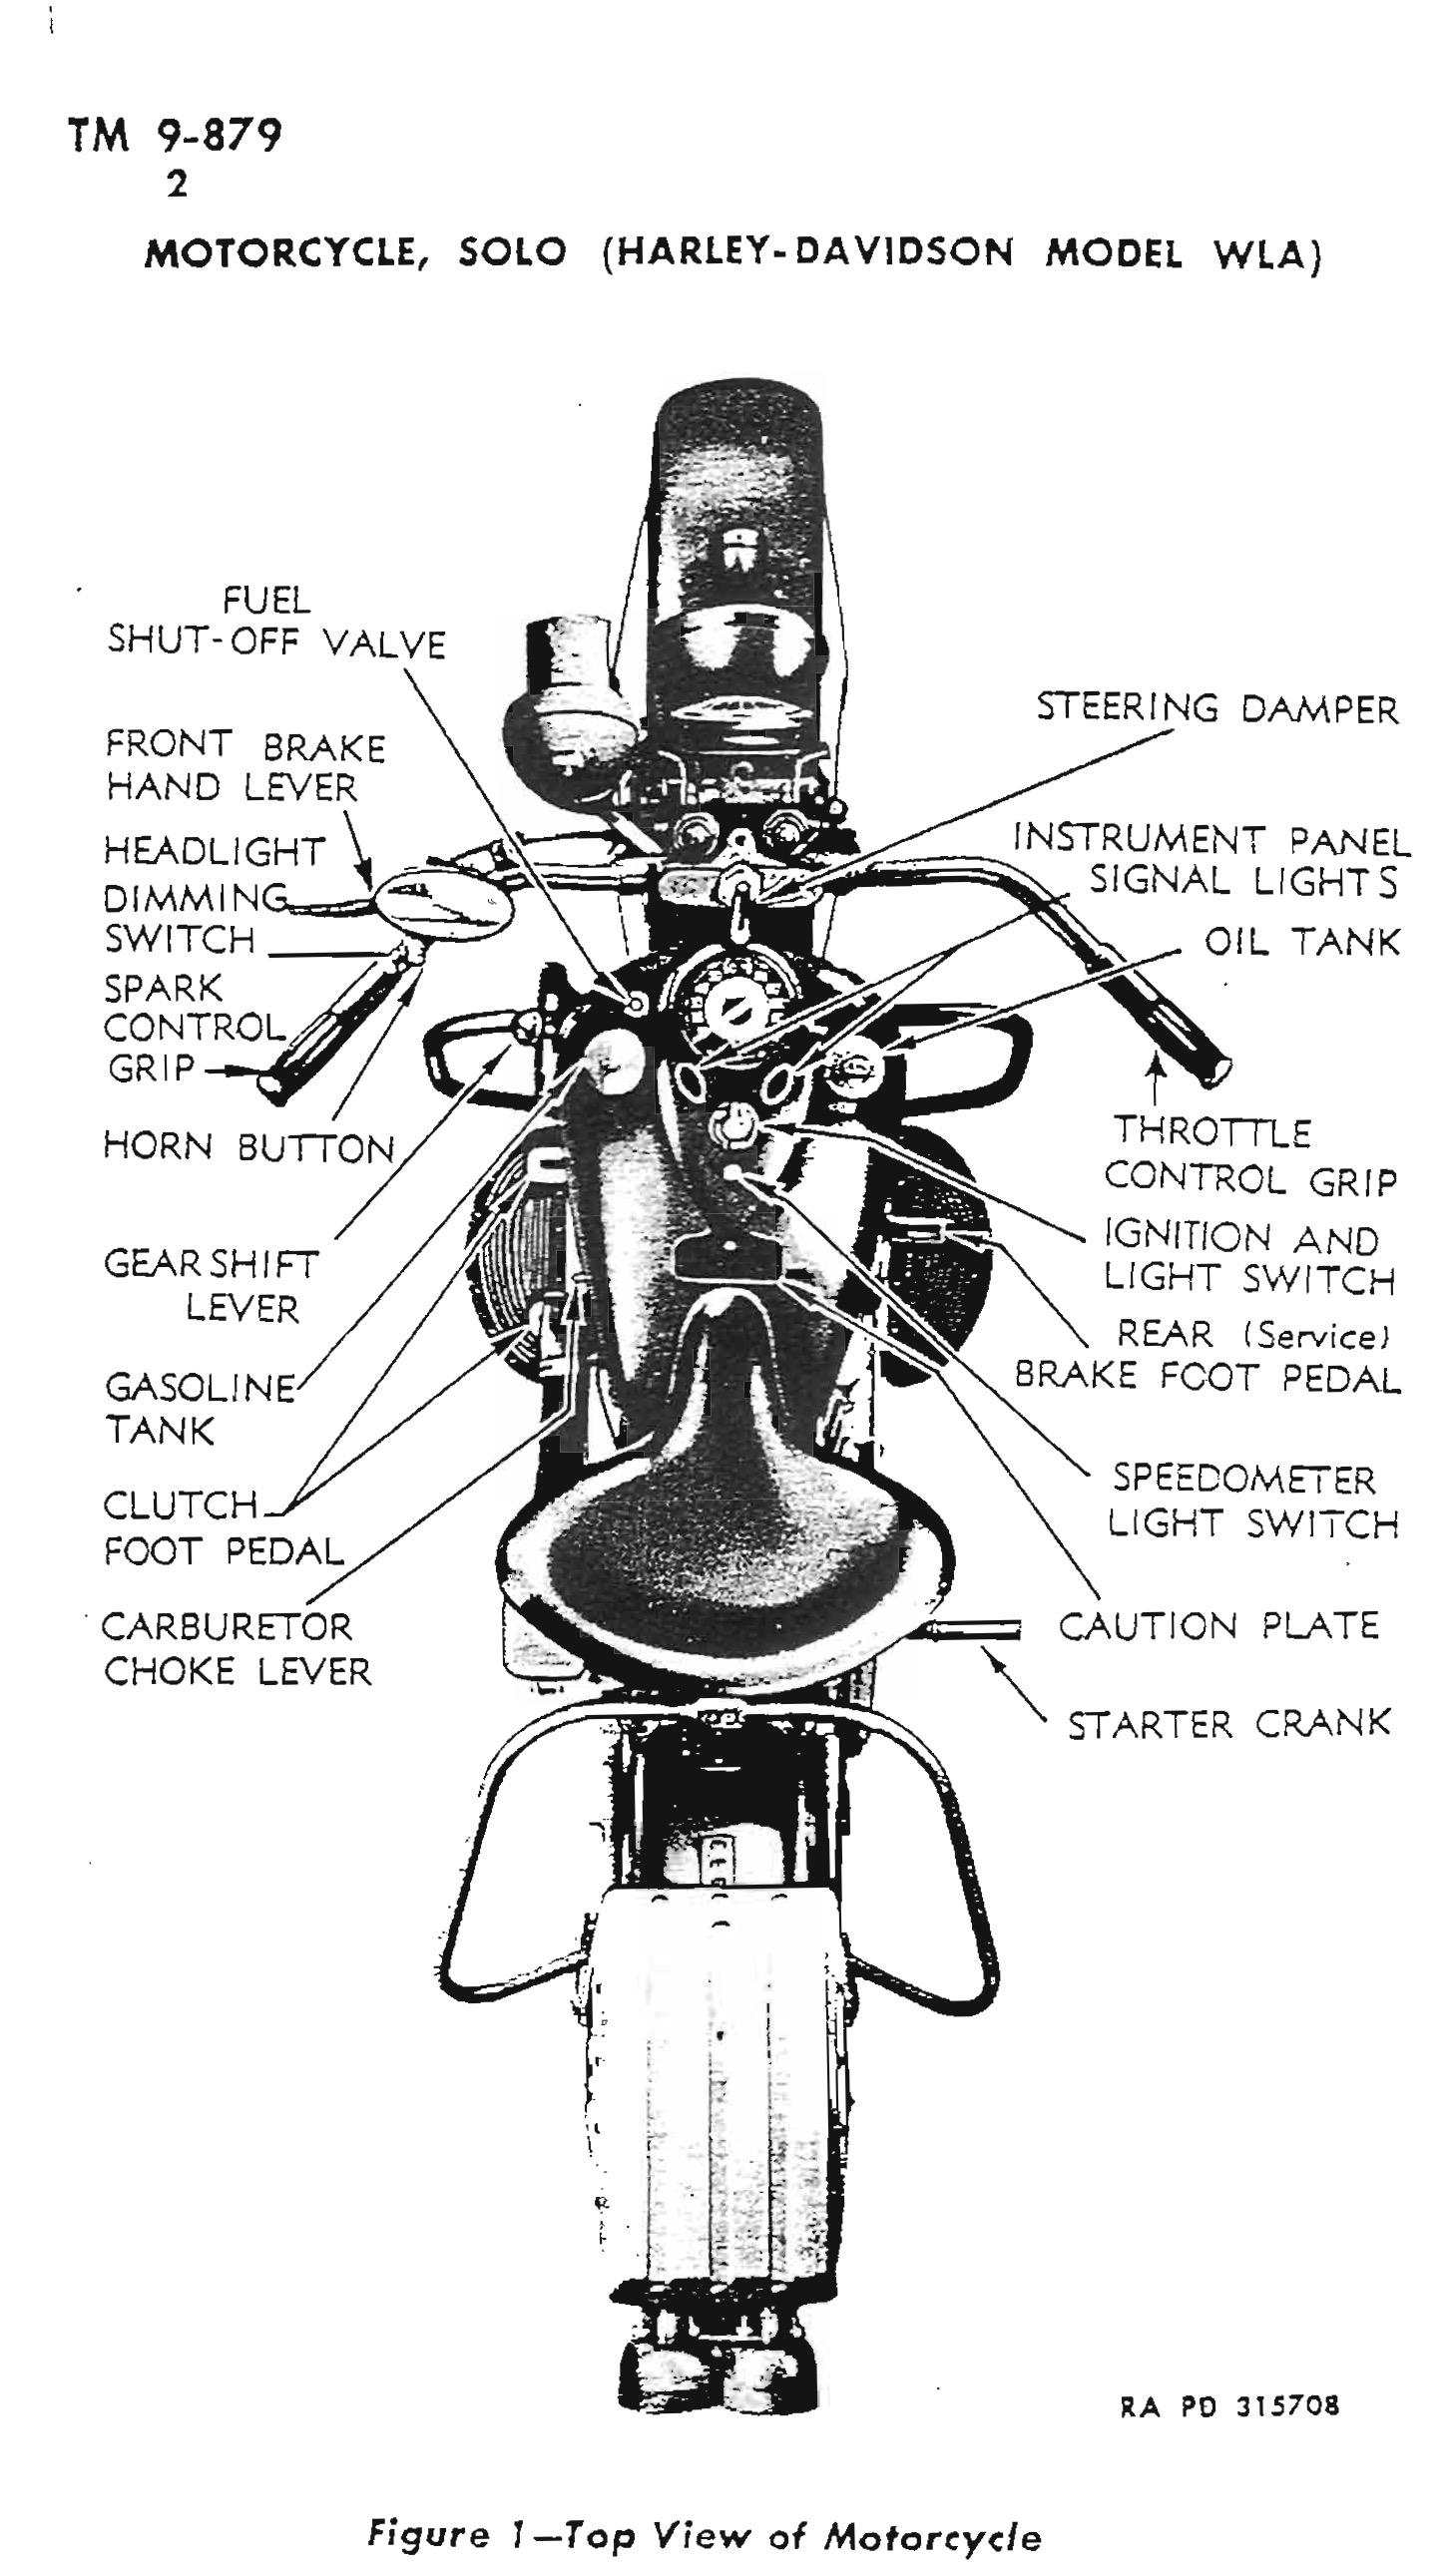 Vista superior y descripción de los mandos